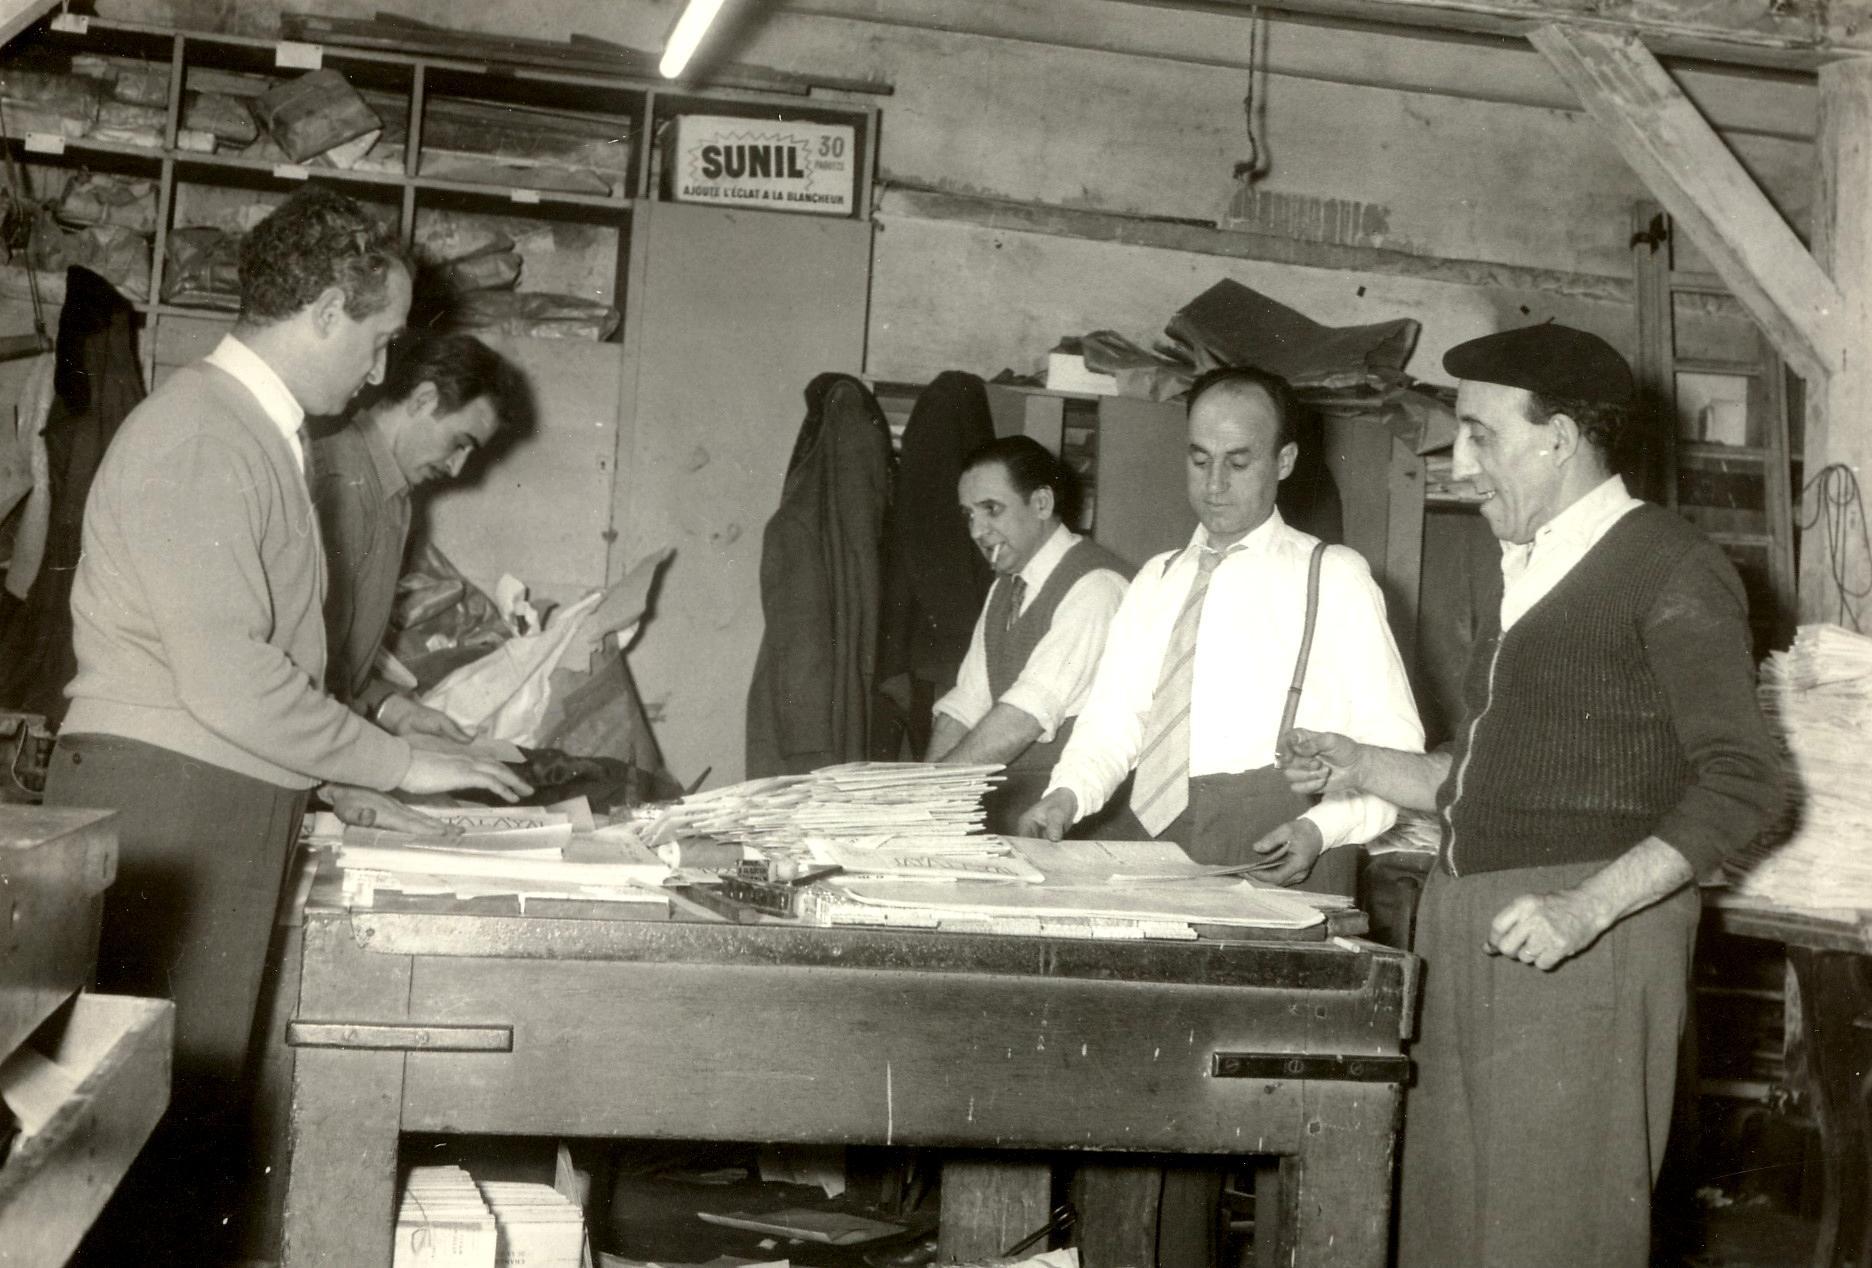 Confeccionando el periódicoAtalaya.De izquierda a derecha: José Dueso, Antonio Téllez, Fernando Gómez Peláez, José Muñoz y Molinos (1958)